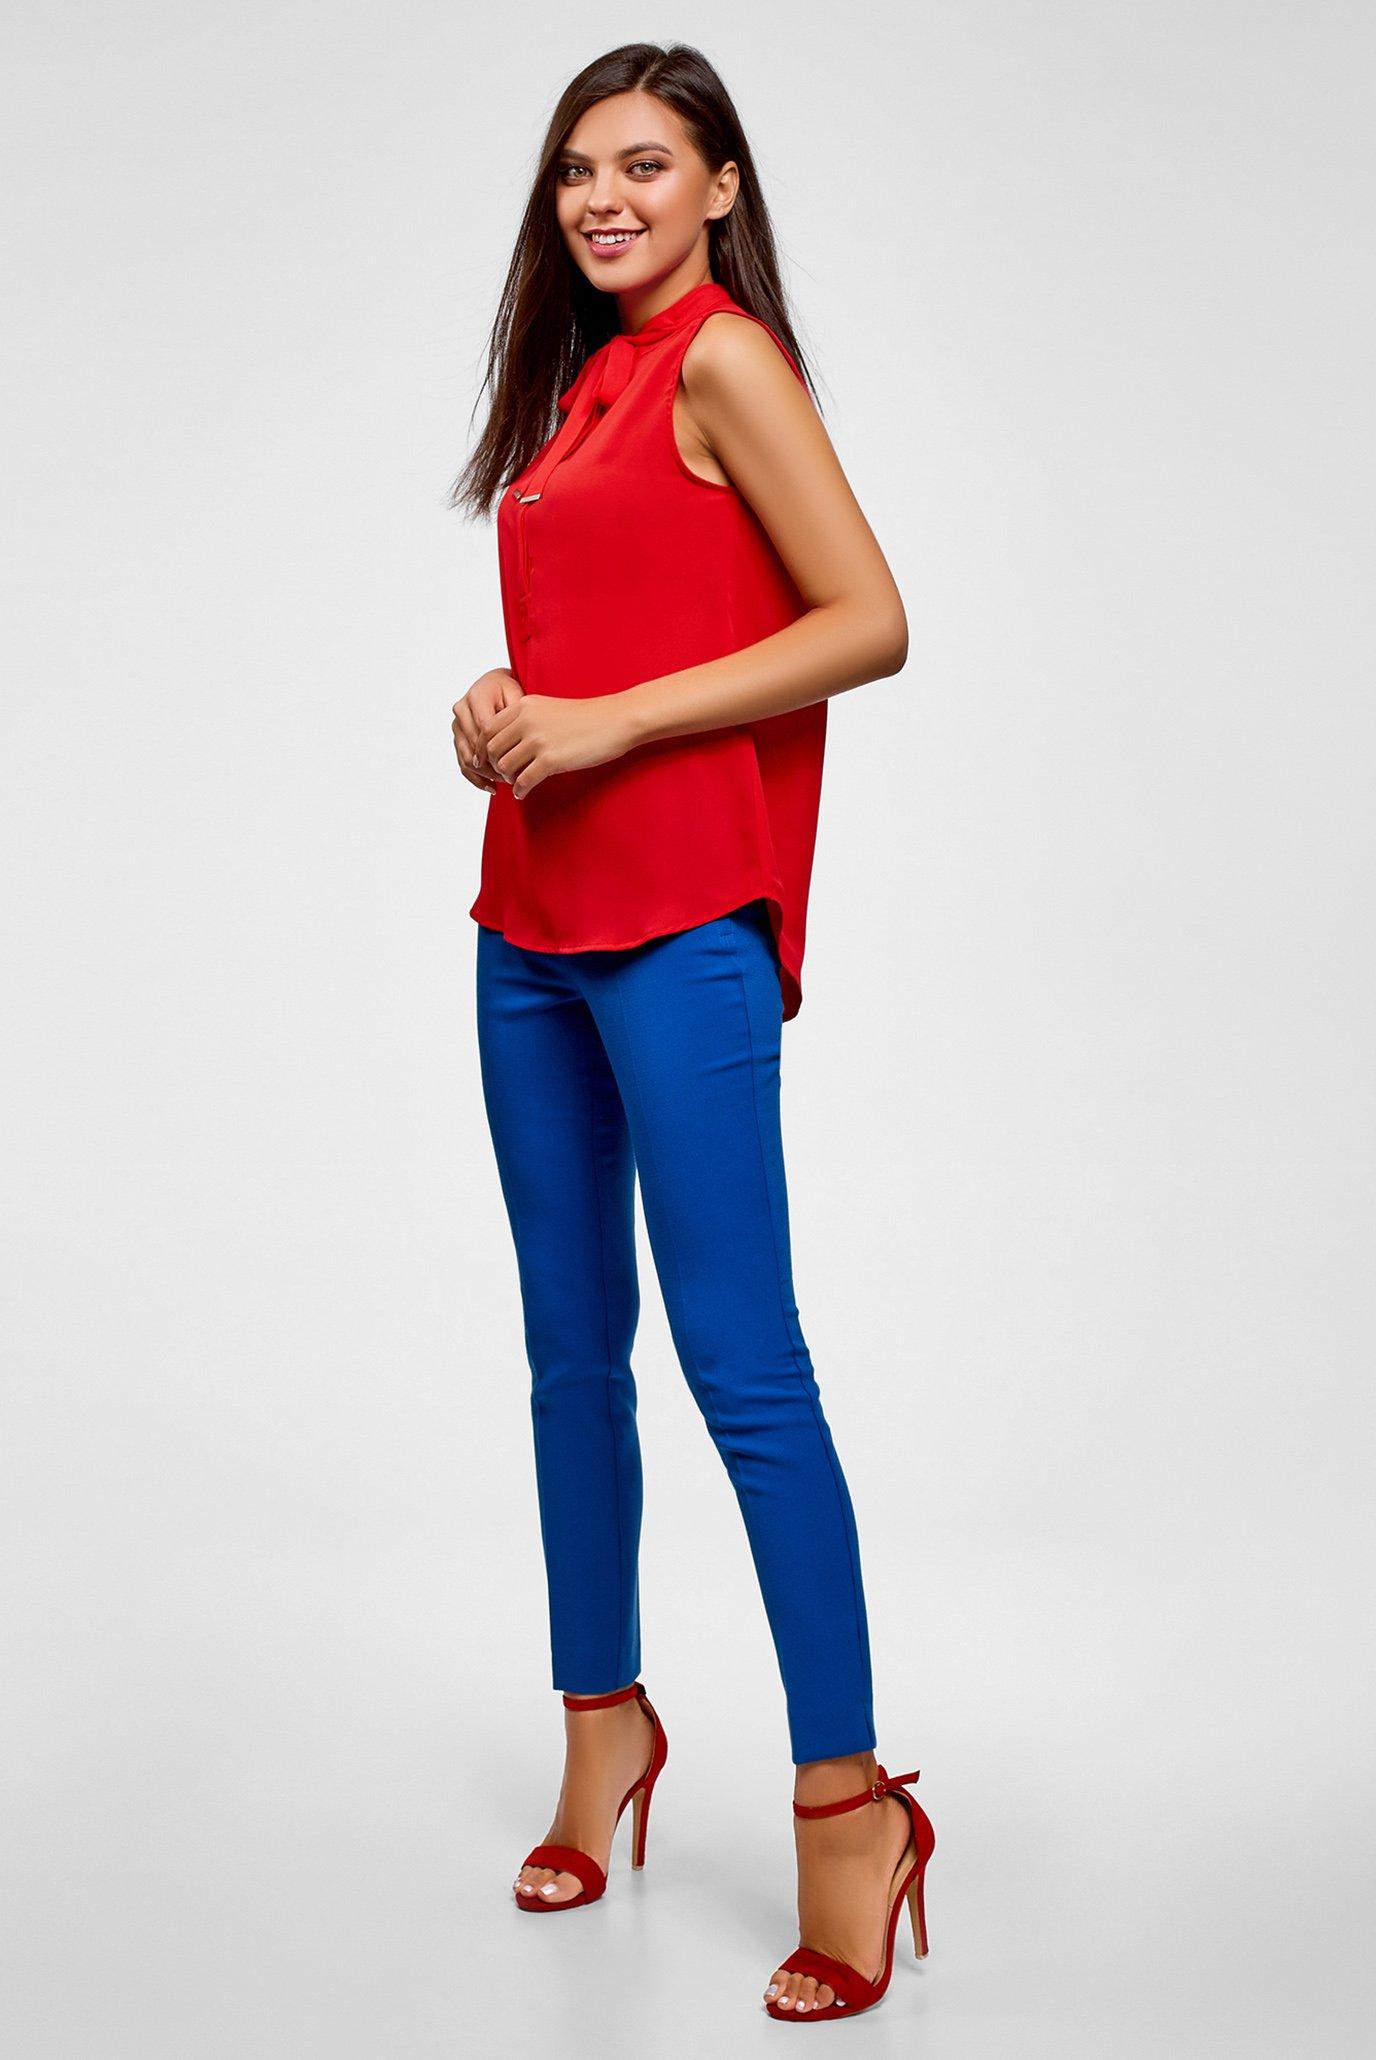 Купить Женская красная блуза Oodji Oodji 24911002/36215/4500N – Киев, Украина. Цены в интернет магазине MD Fashion